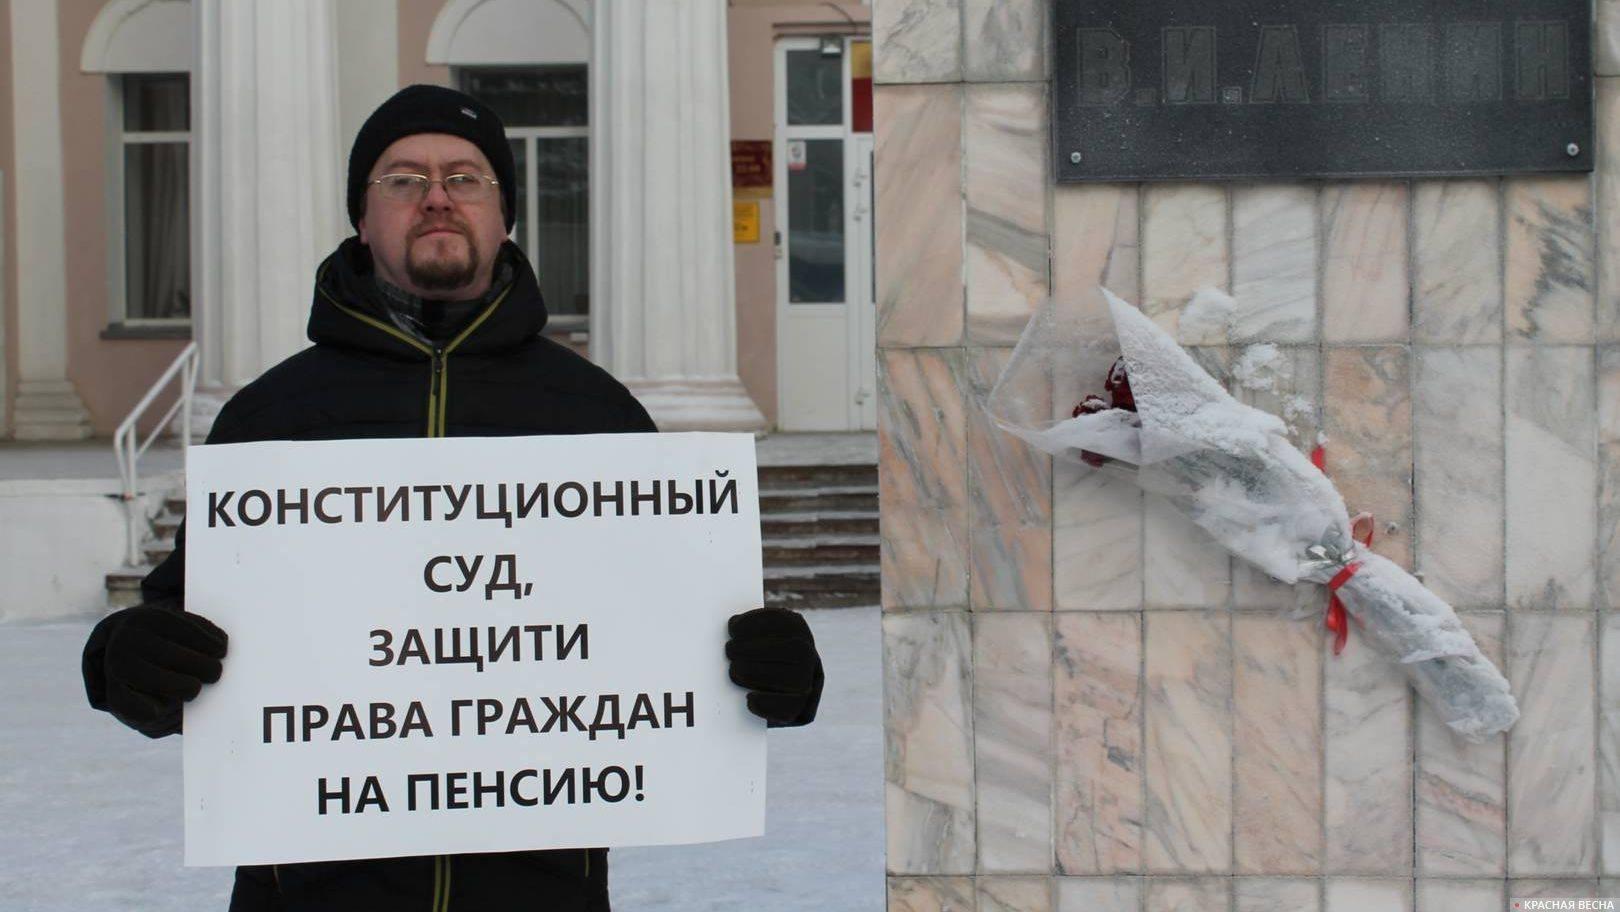 В Бердске активисты призвали судей КС защитить право граждан на базовые соцгарантии